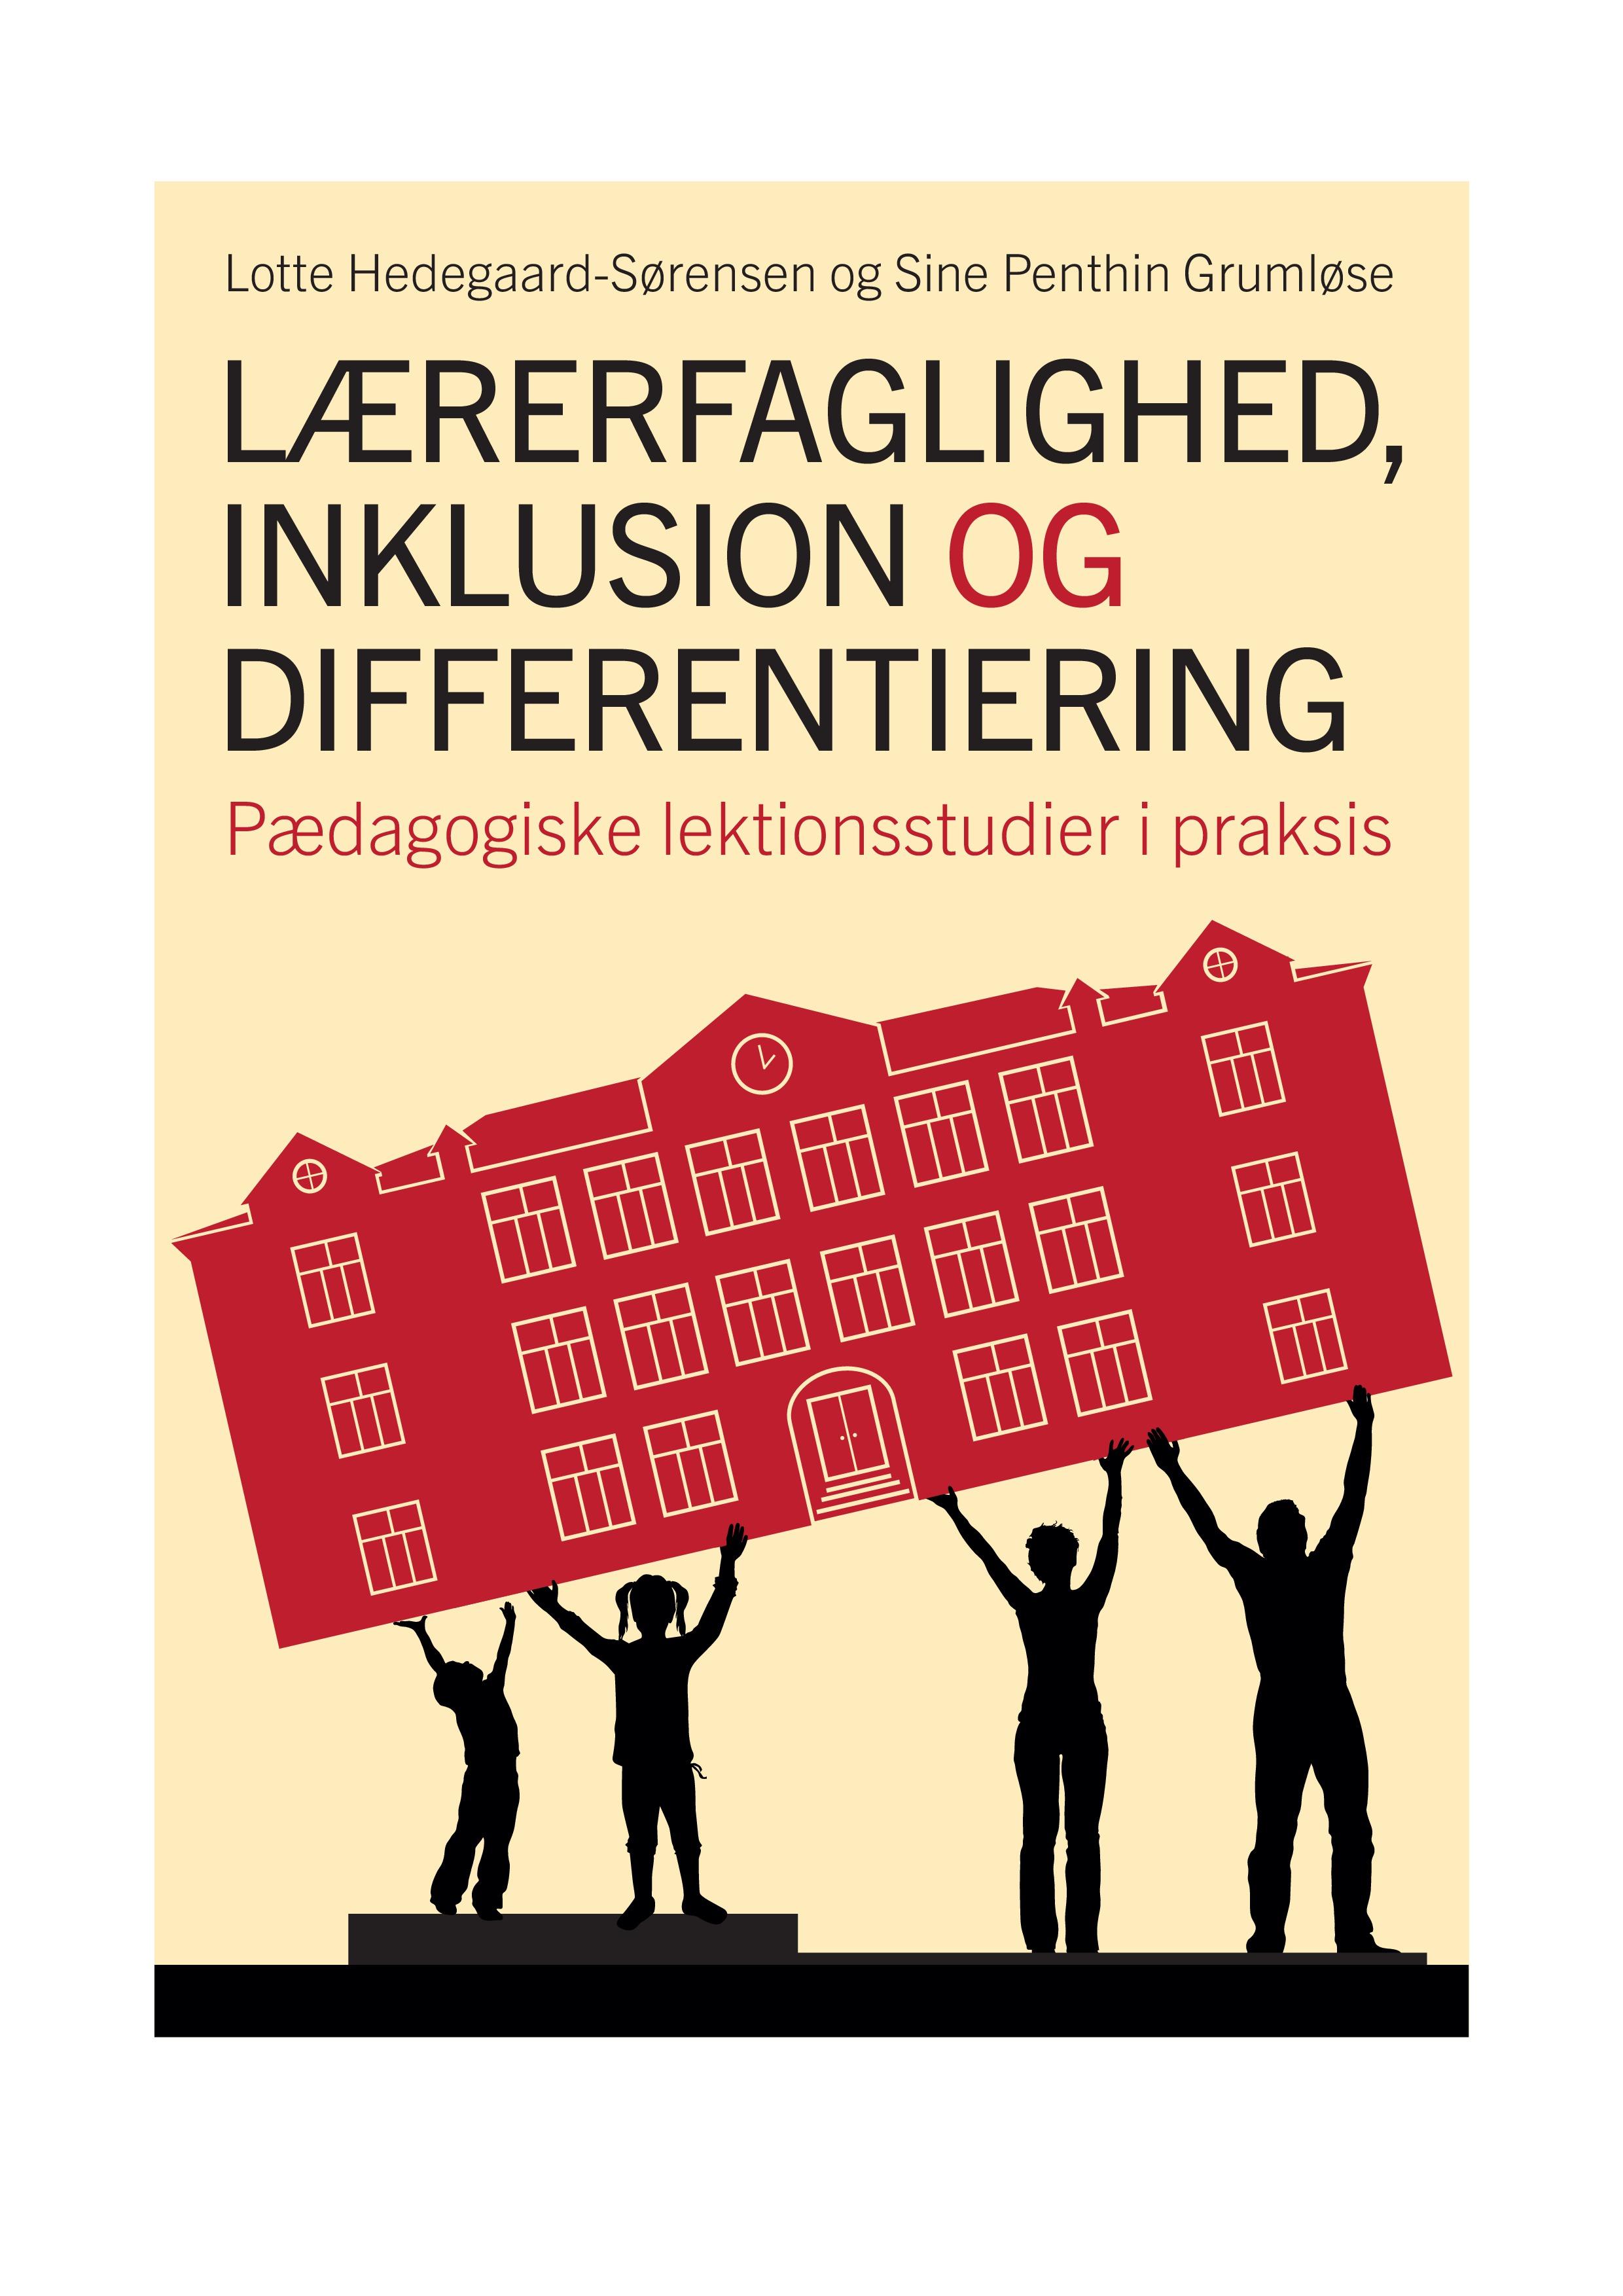 Lærerfaglighed, inklusion og differentiering - Sine Penthin Grumløse Lotte Hedegaard-Sørensen - Bøger - Samfundslitteratur - 9788759322192 - April 1, 2016